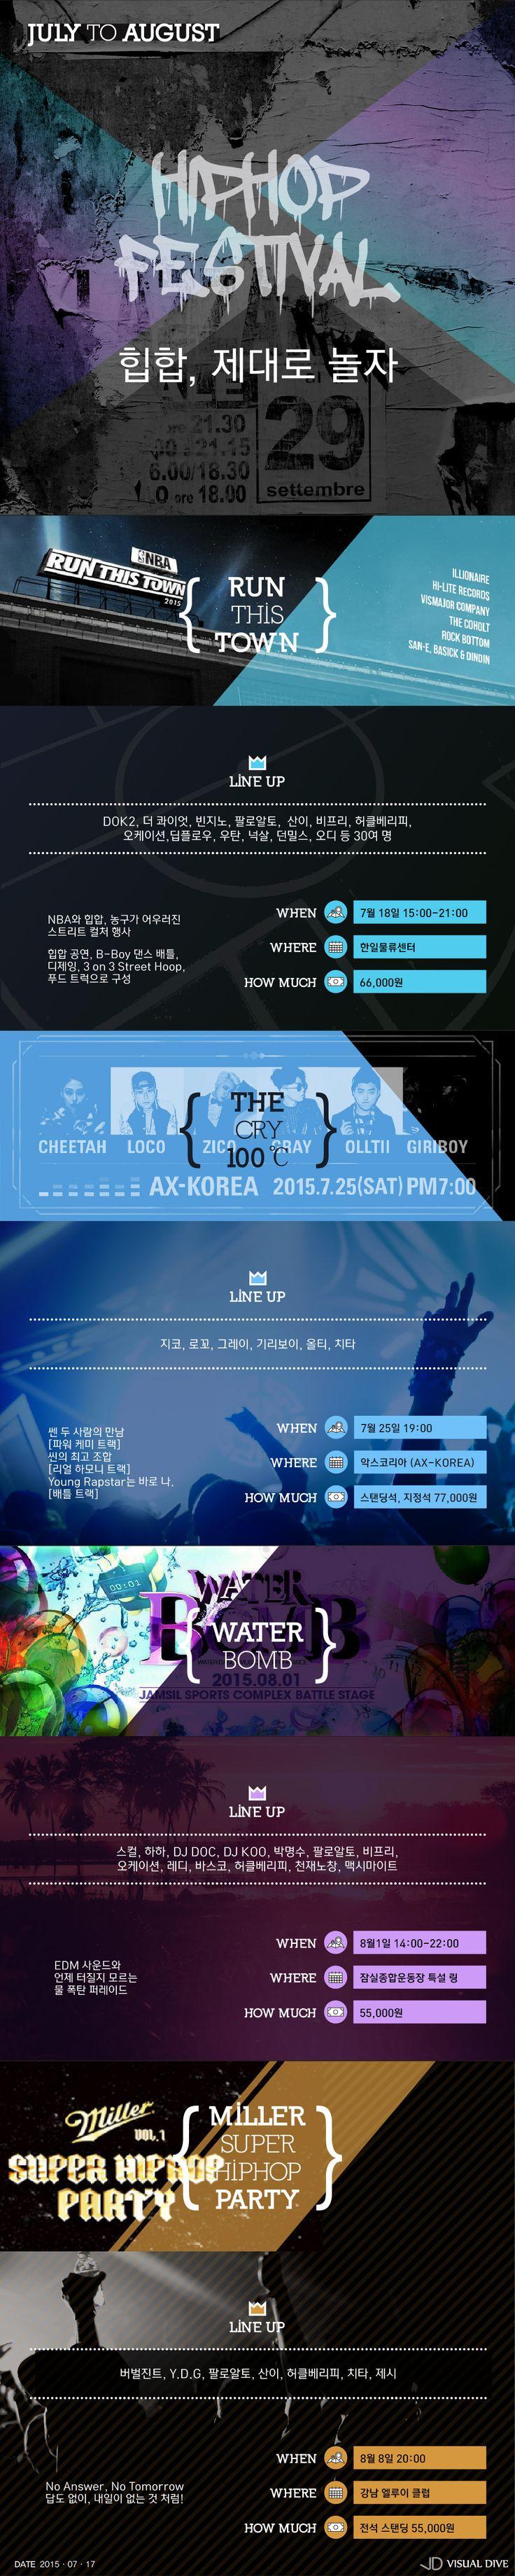 한 여름 밤의 힙합 잔치 '흥 UP' [인포그래픽]  #Hiphop / #Infographic ⓒ 비주얼다이브 무단 복사·전재·재배포 금지